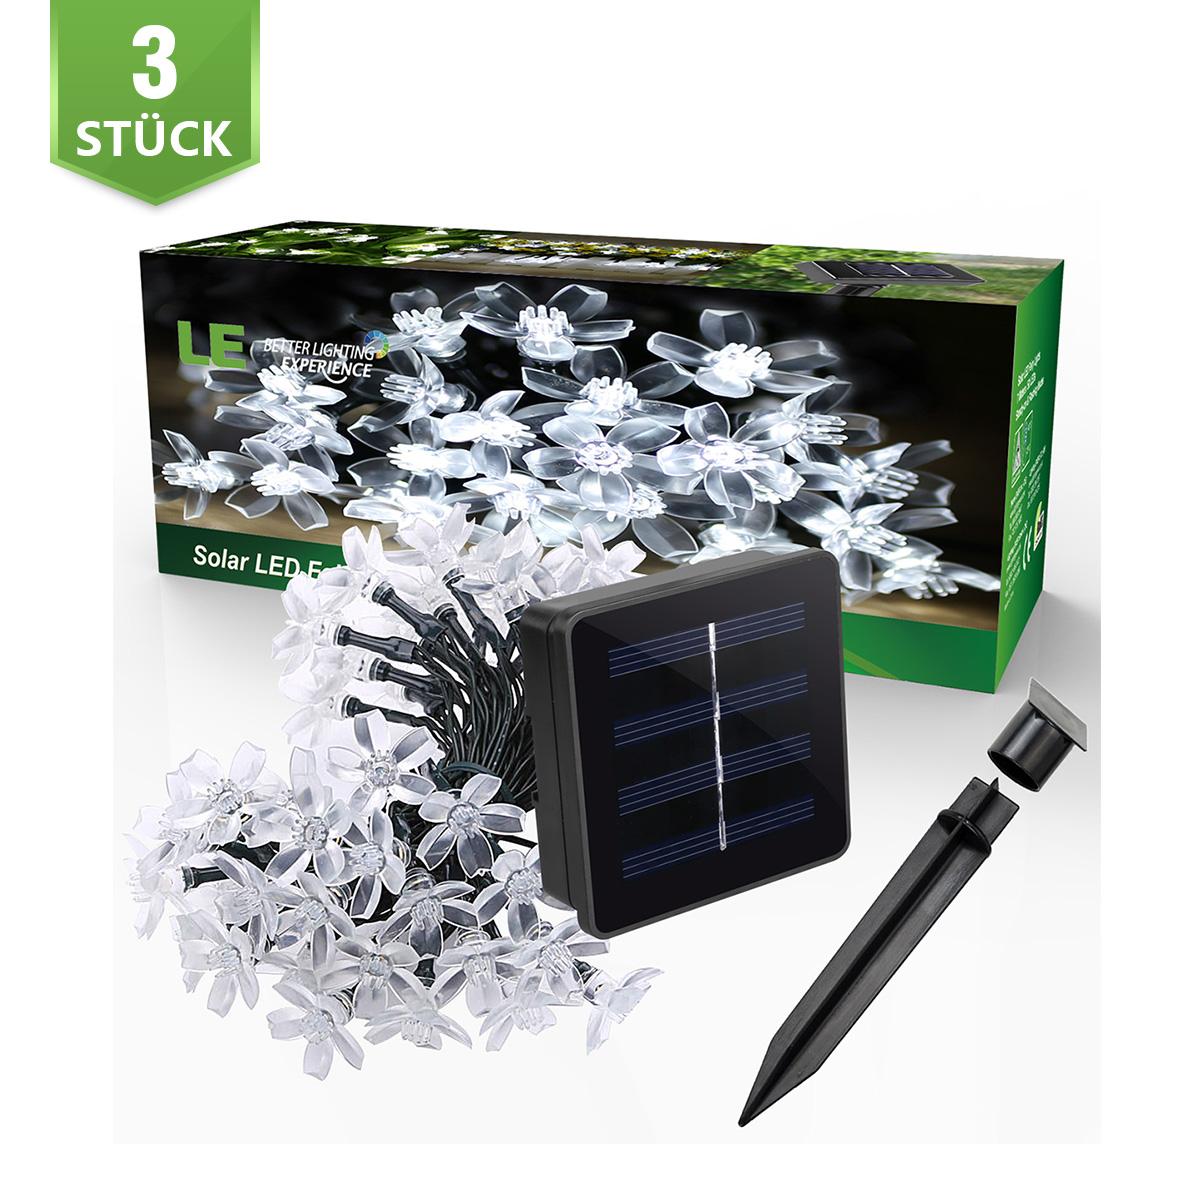 [Bündel] Warmweiß Solar Lichterkette Blummen, 5M, Wasserdicht, 1,2V, Lichtsensor, Warmweiß, Weihnachtsbeleuchtung, 3er Set